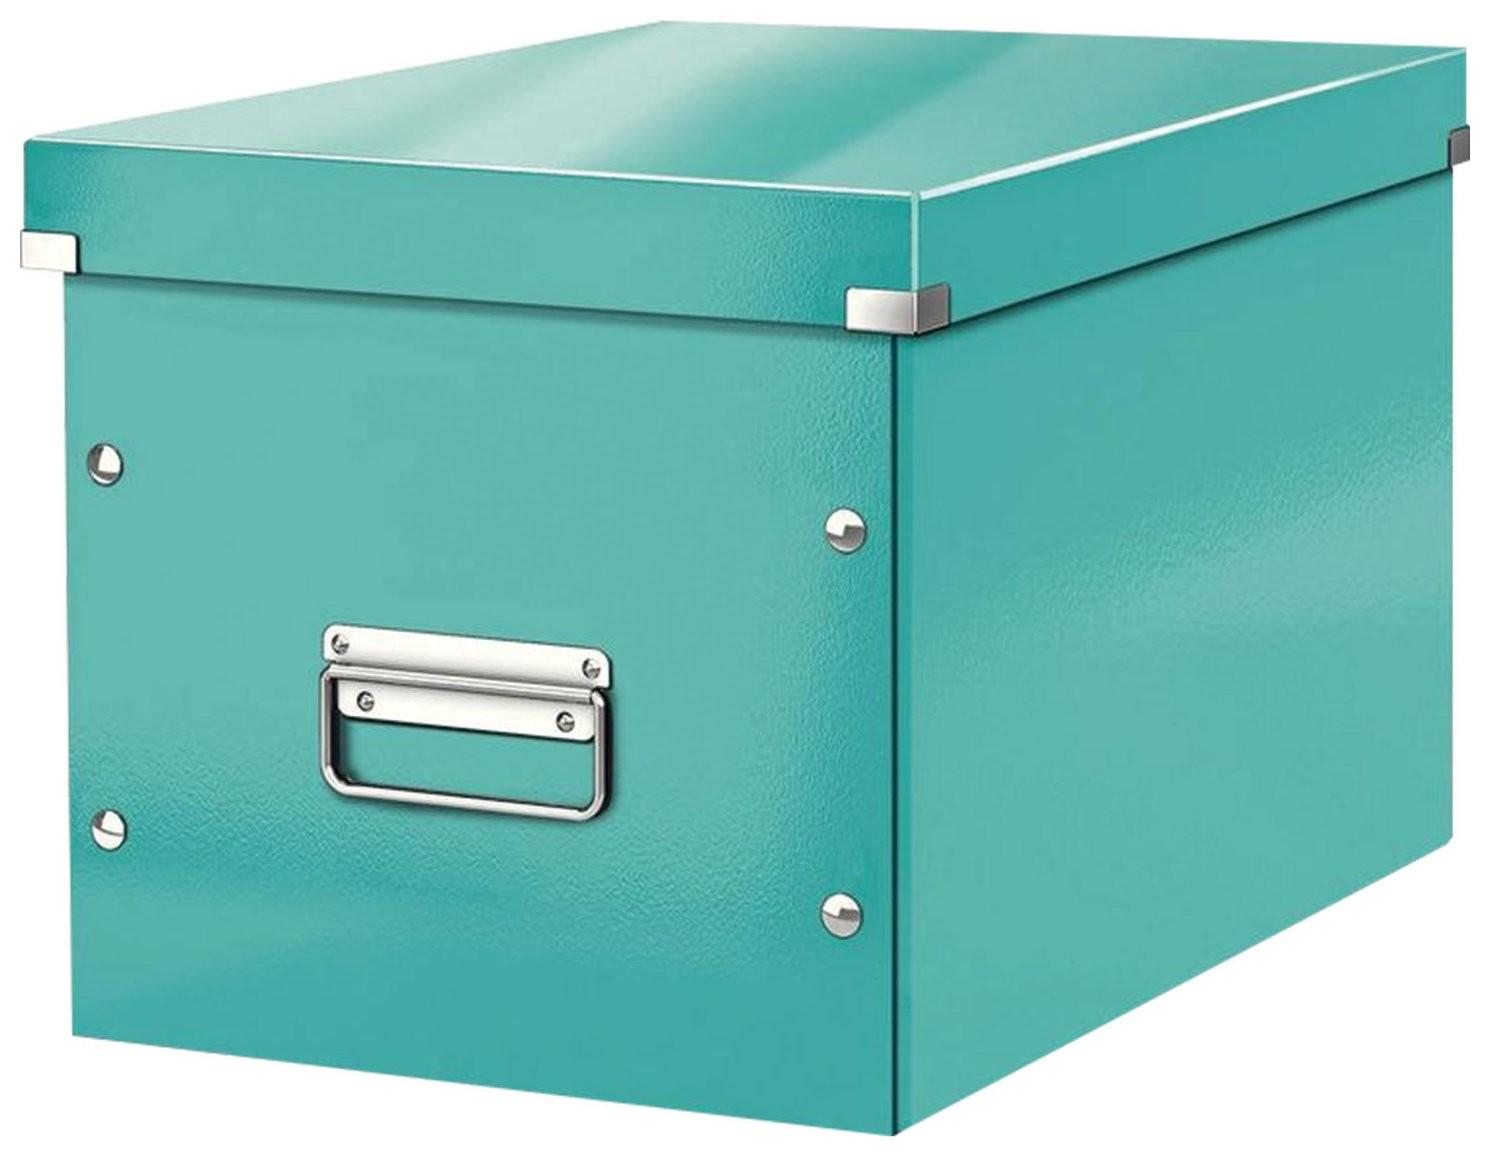 """Короб архивный Leitz """"Click & Store"""" L, 310х320х360 мм, ламинированный картон, разборный, бирюзовый  Leitz"""